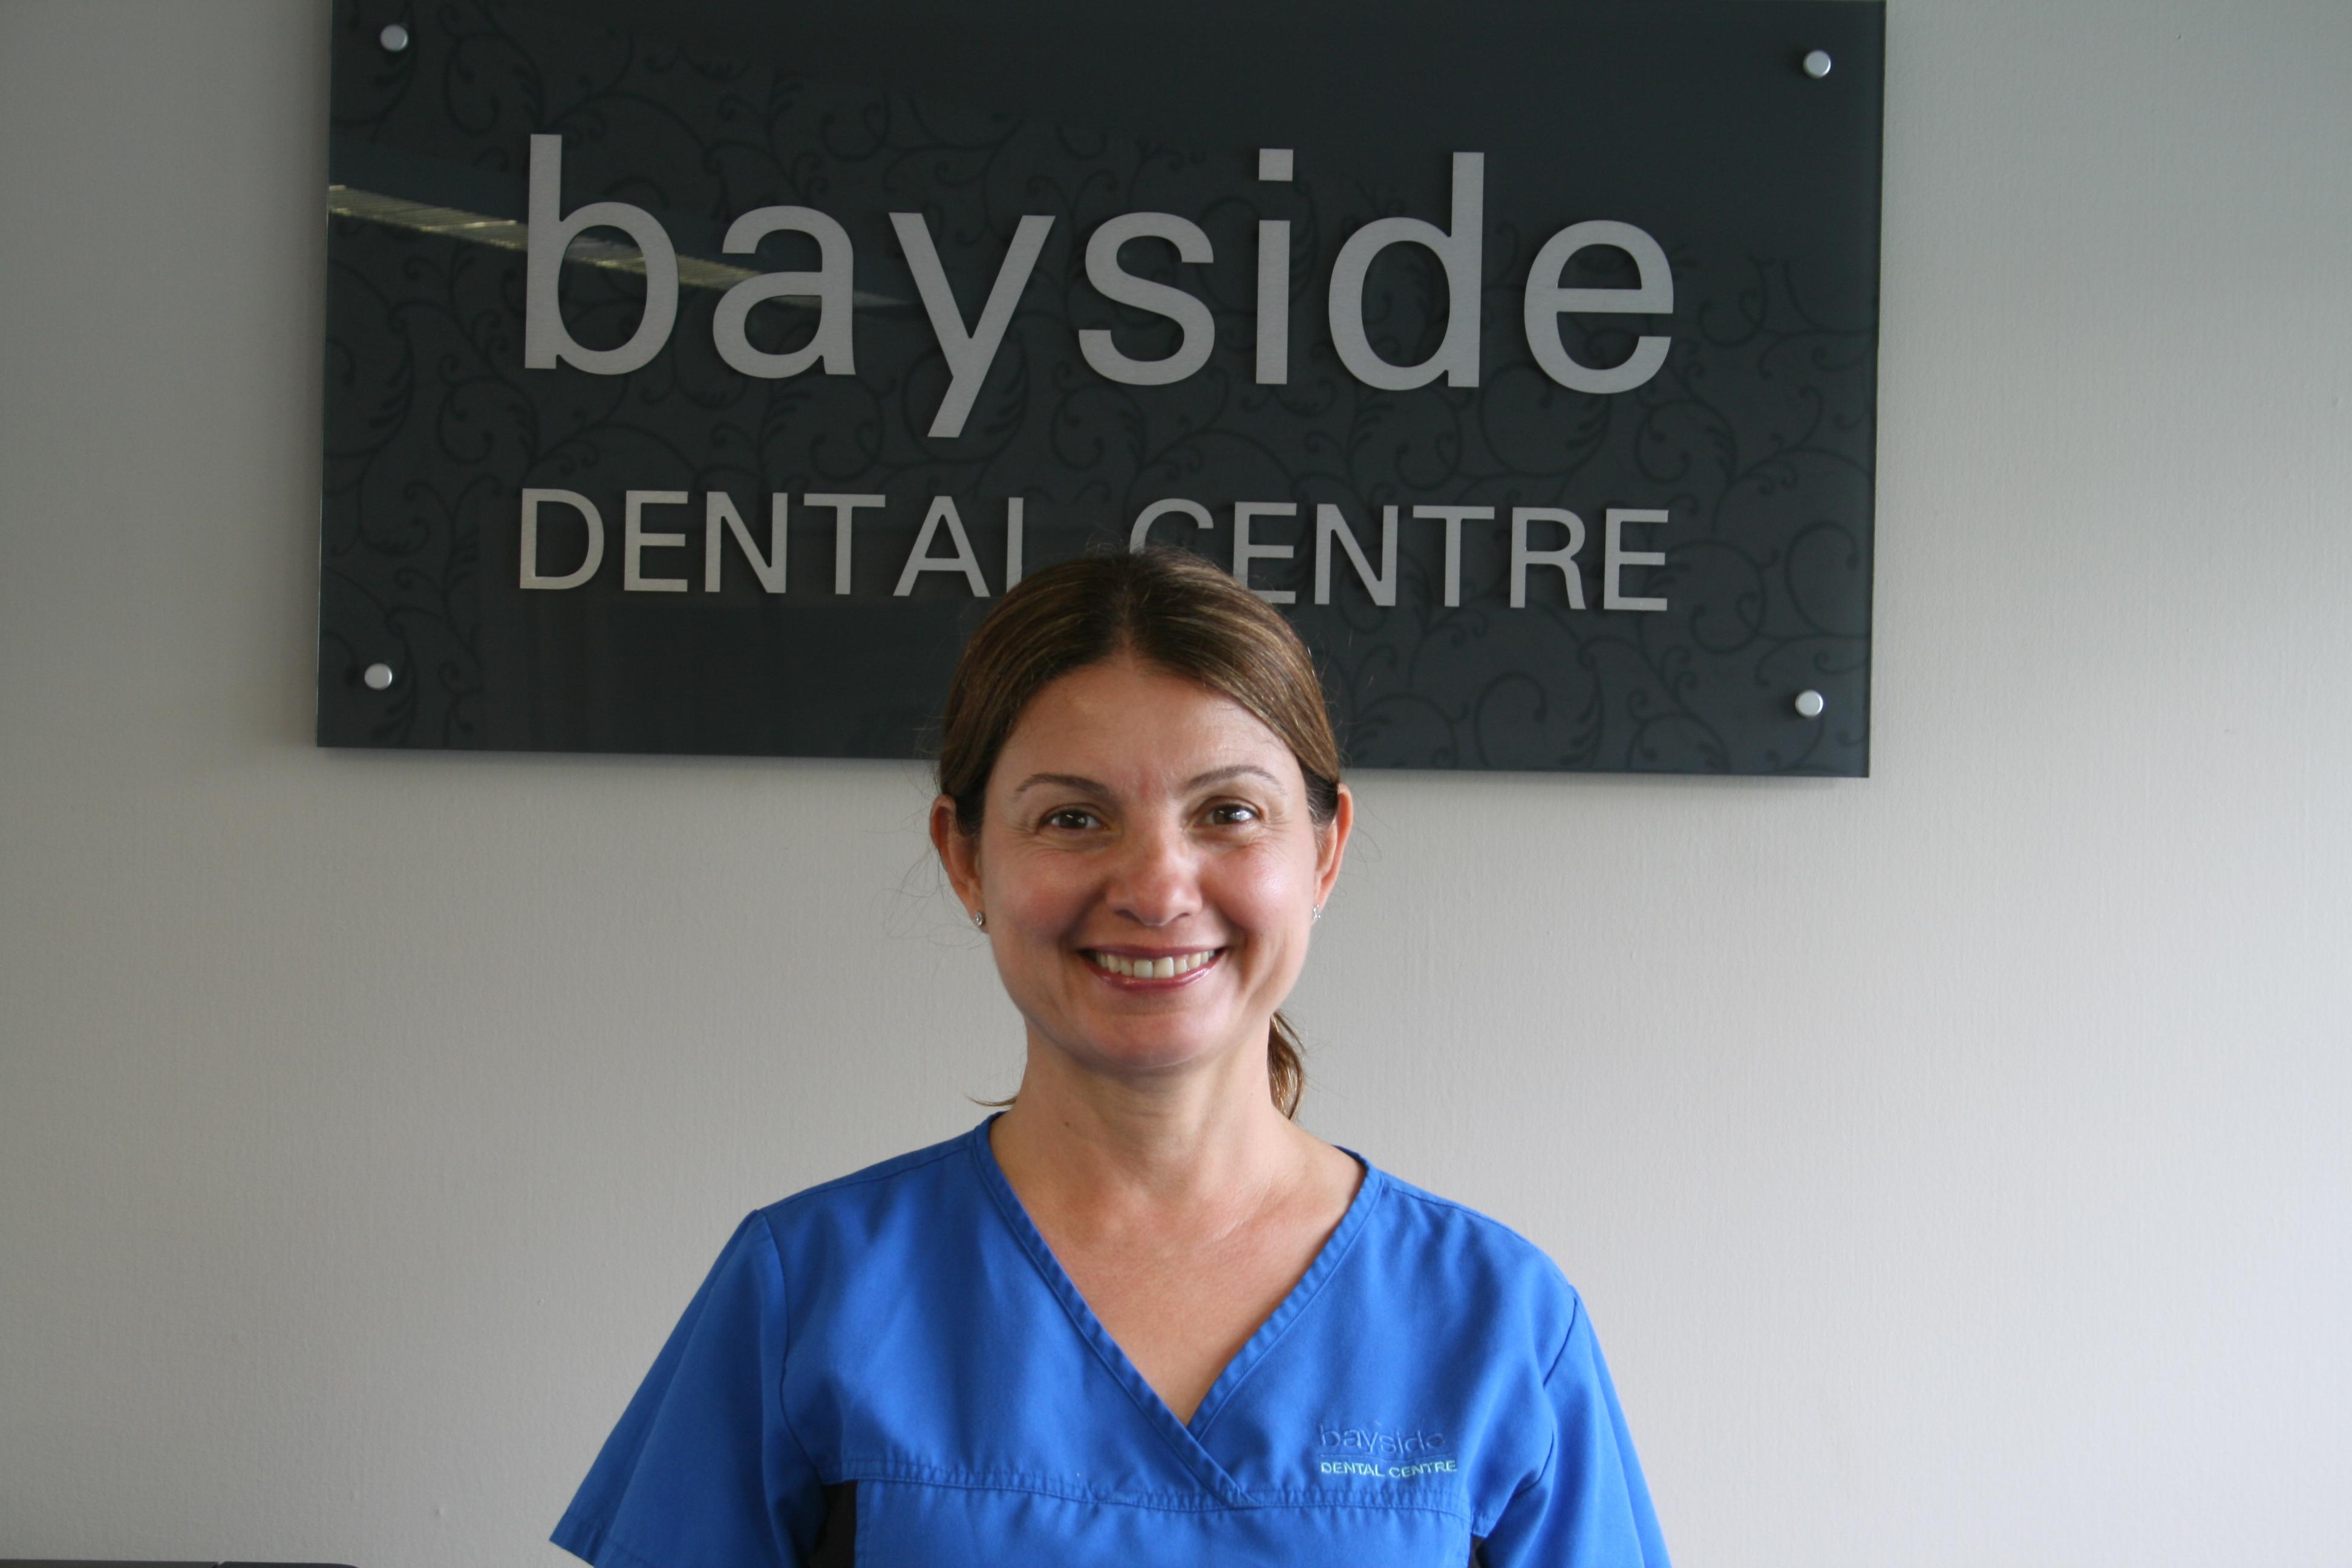 Dr Zena Bayan